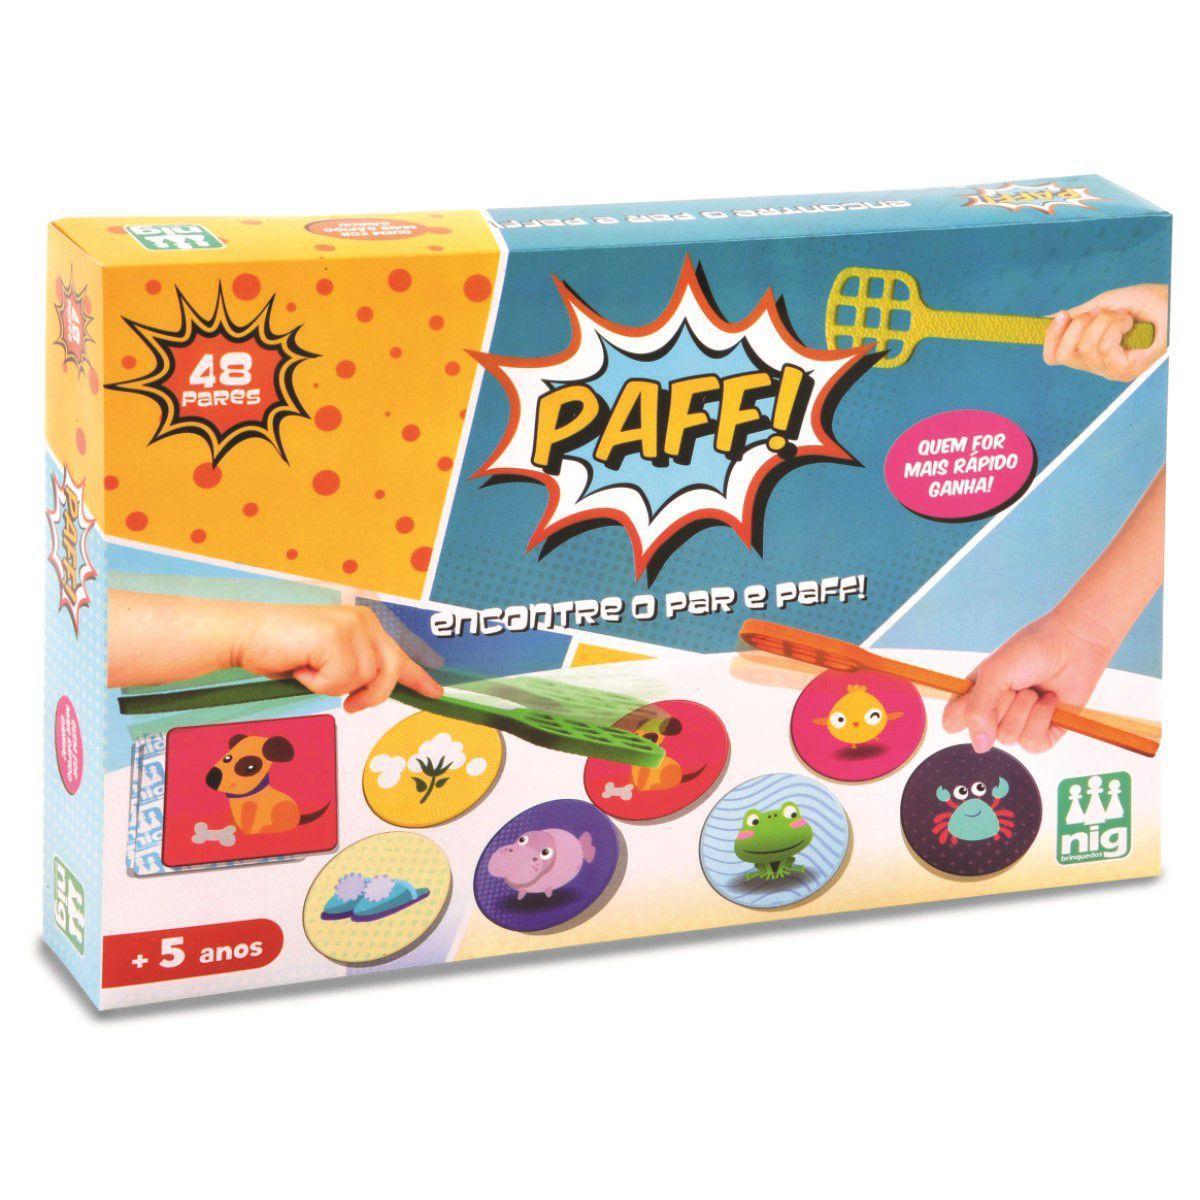 Jogo Paff ! - Nig Brinquedos